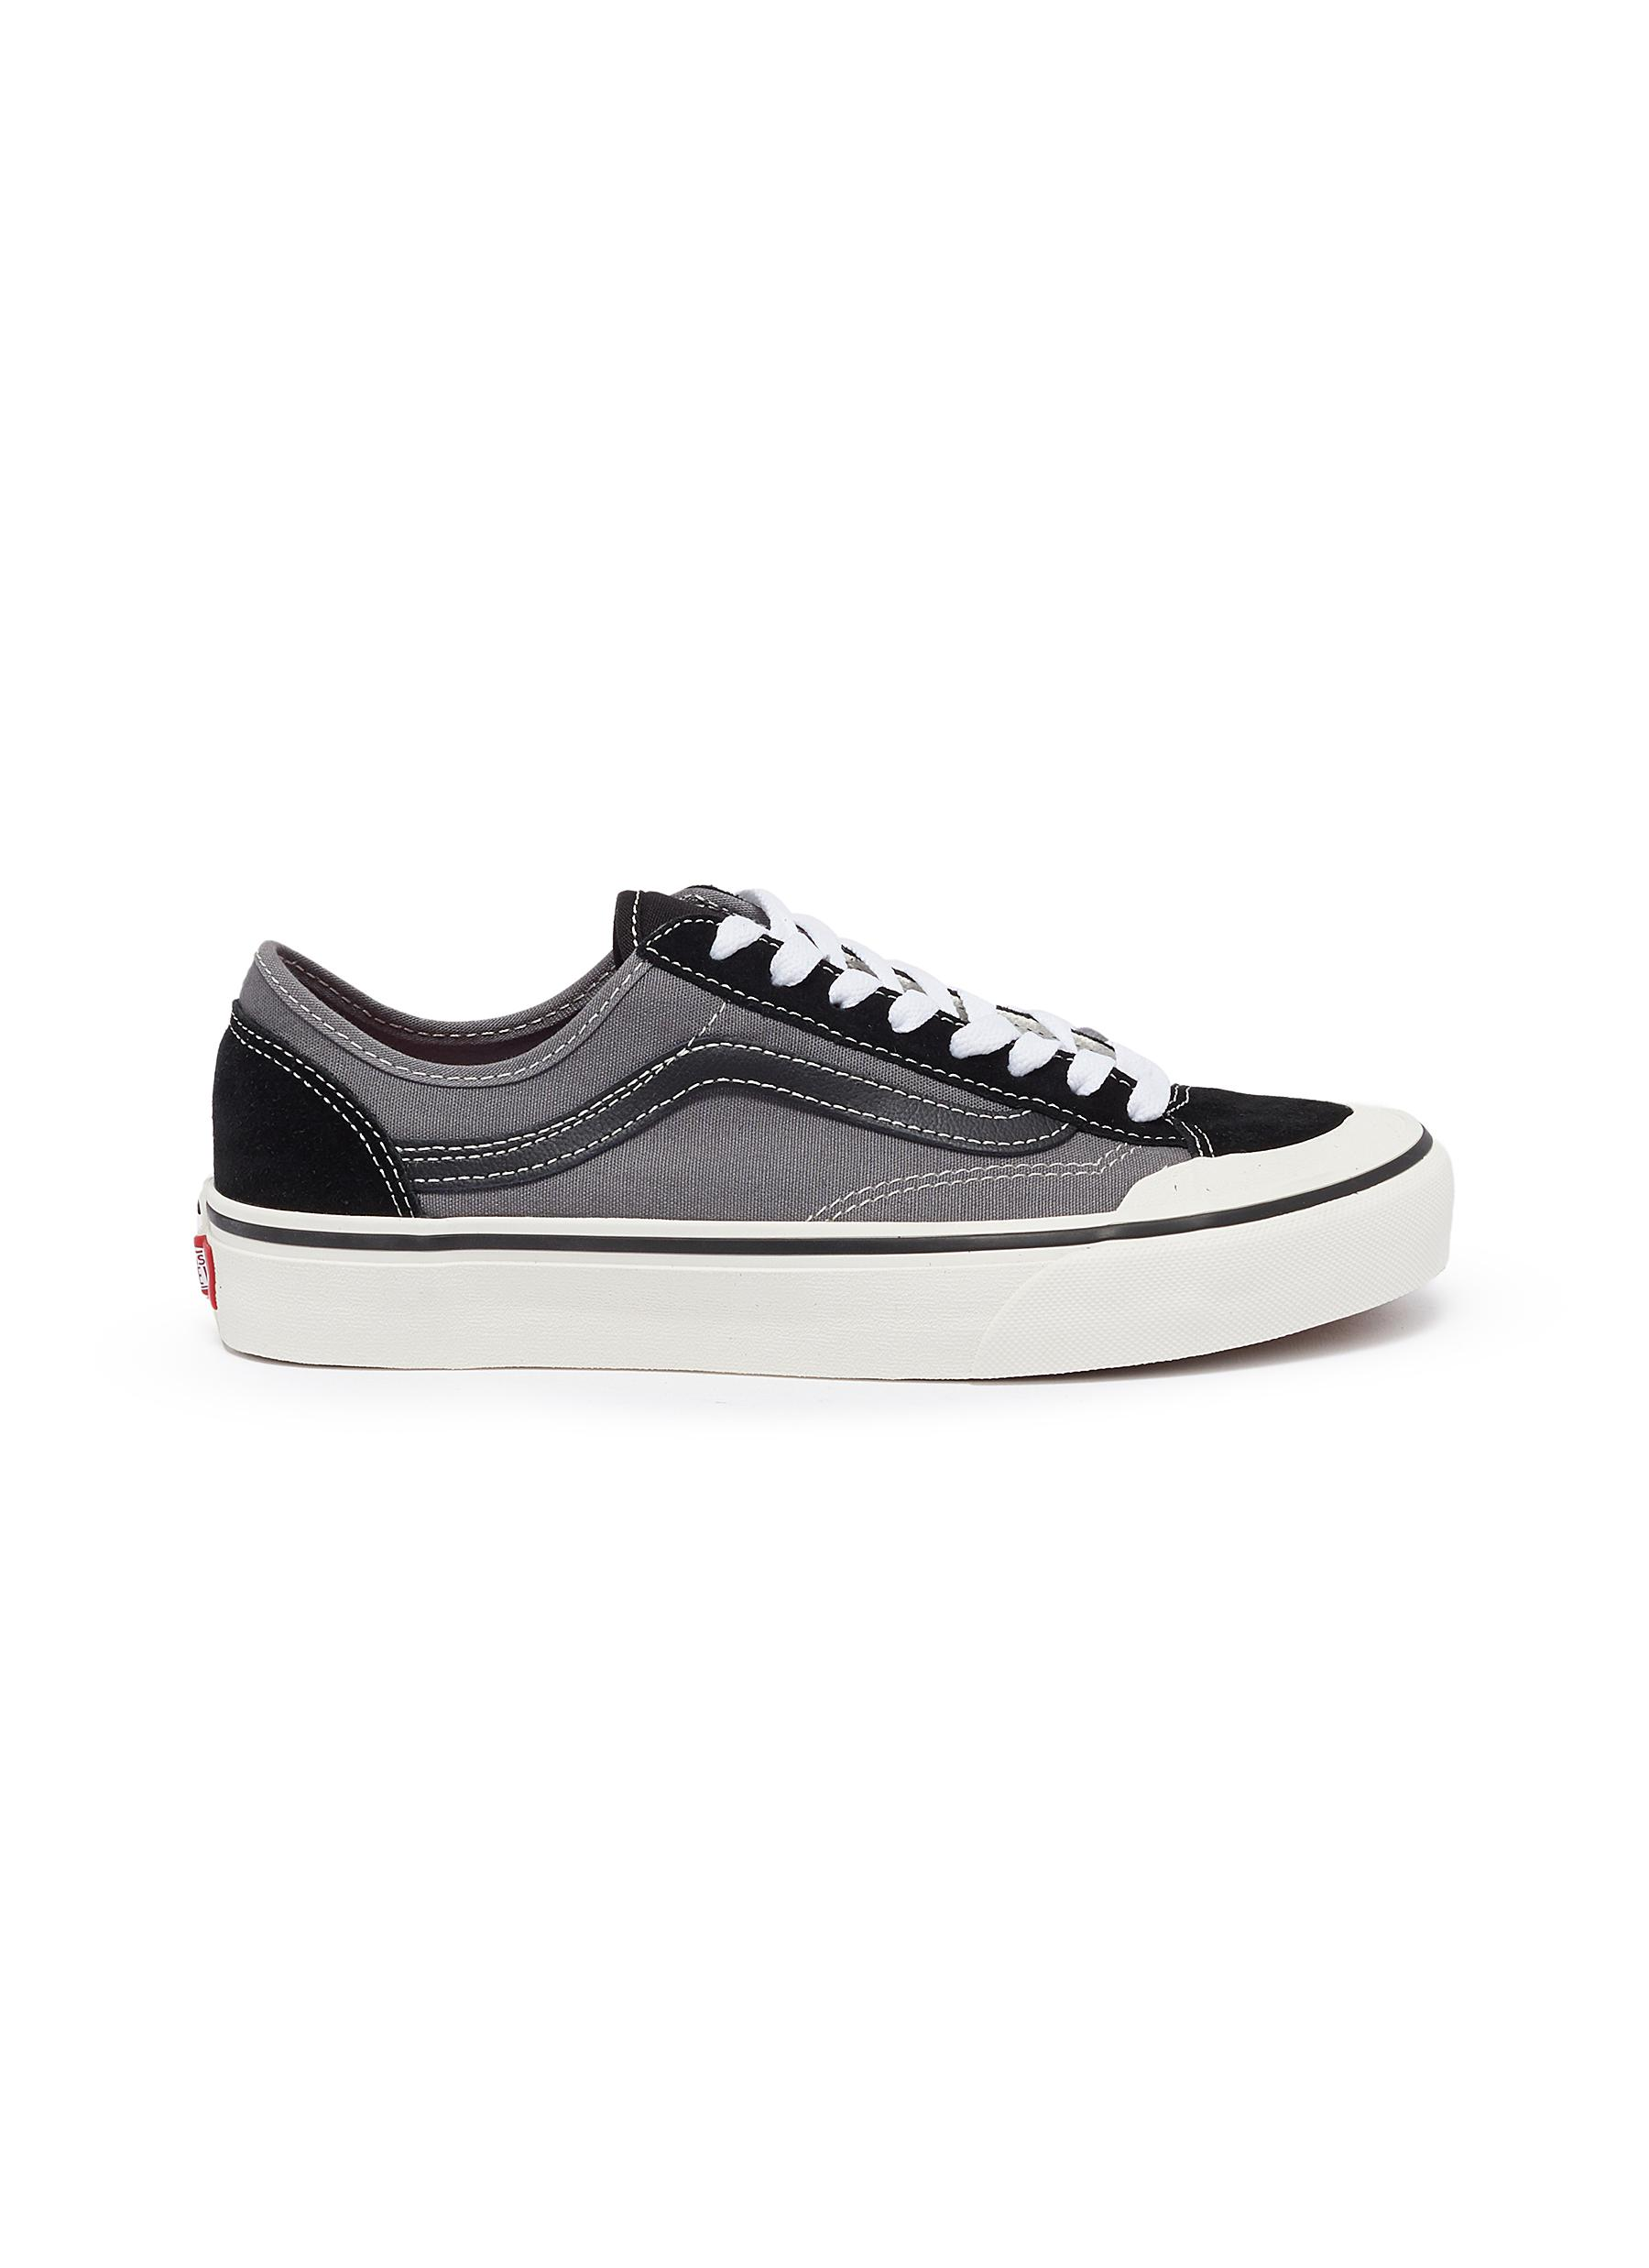 Vans Sneakers Style 36 Decon SF sneakers